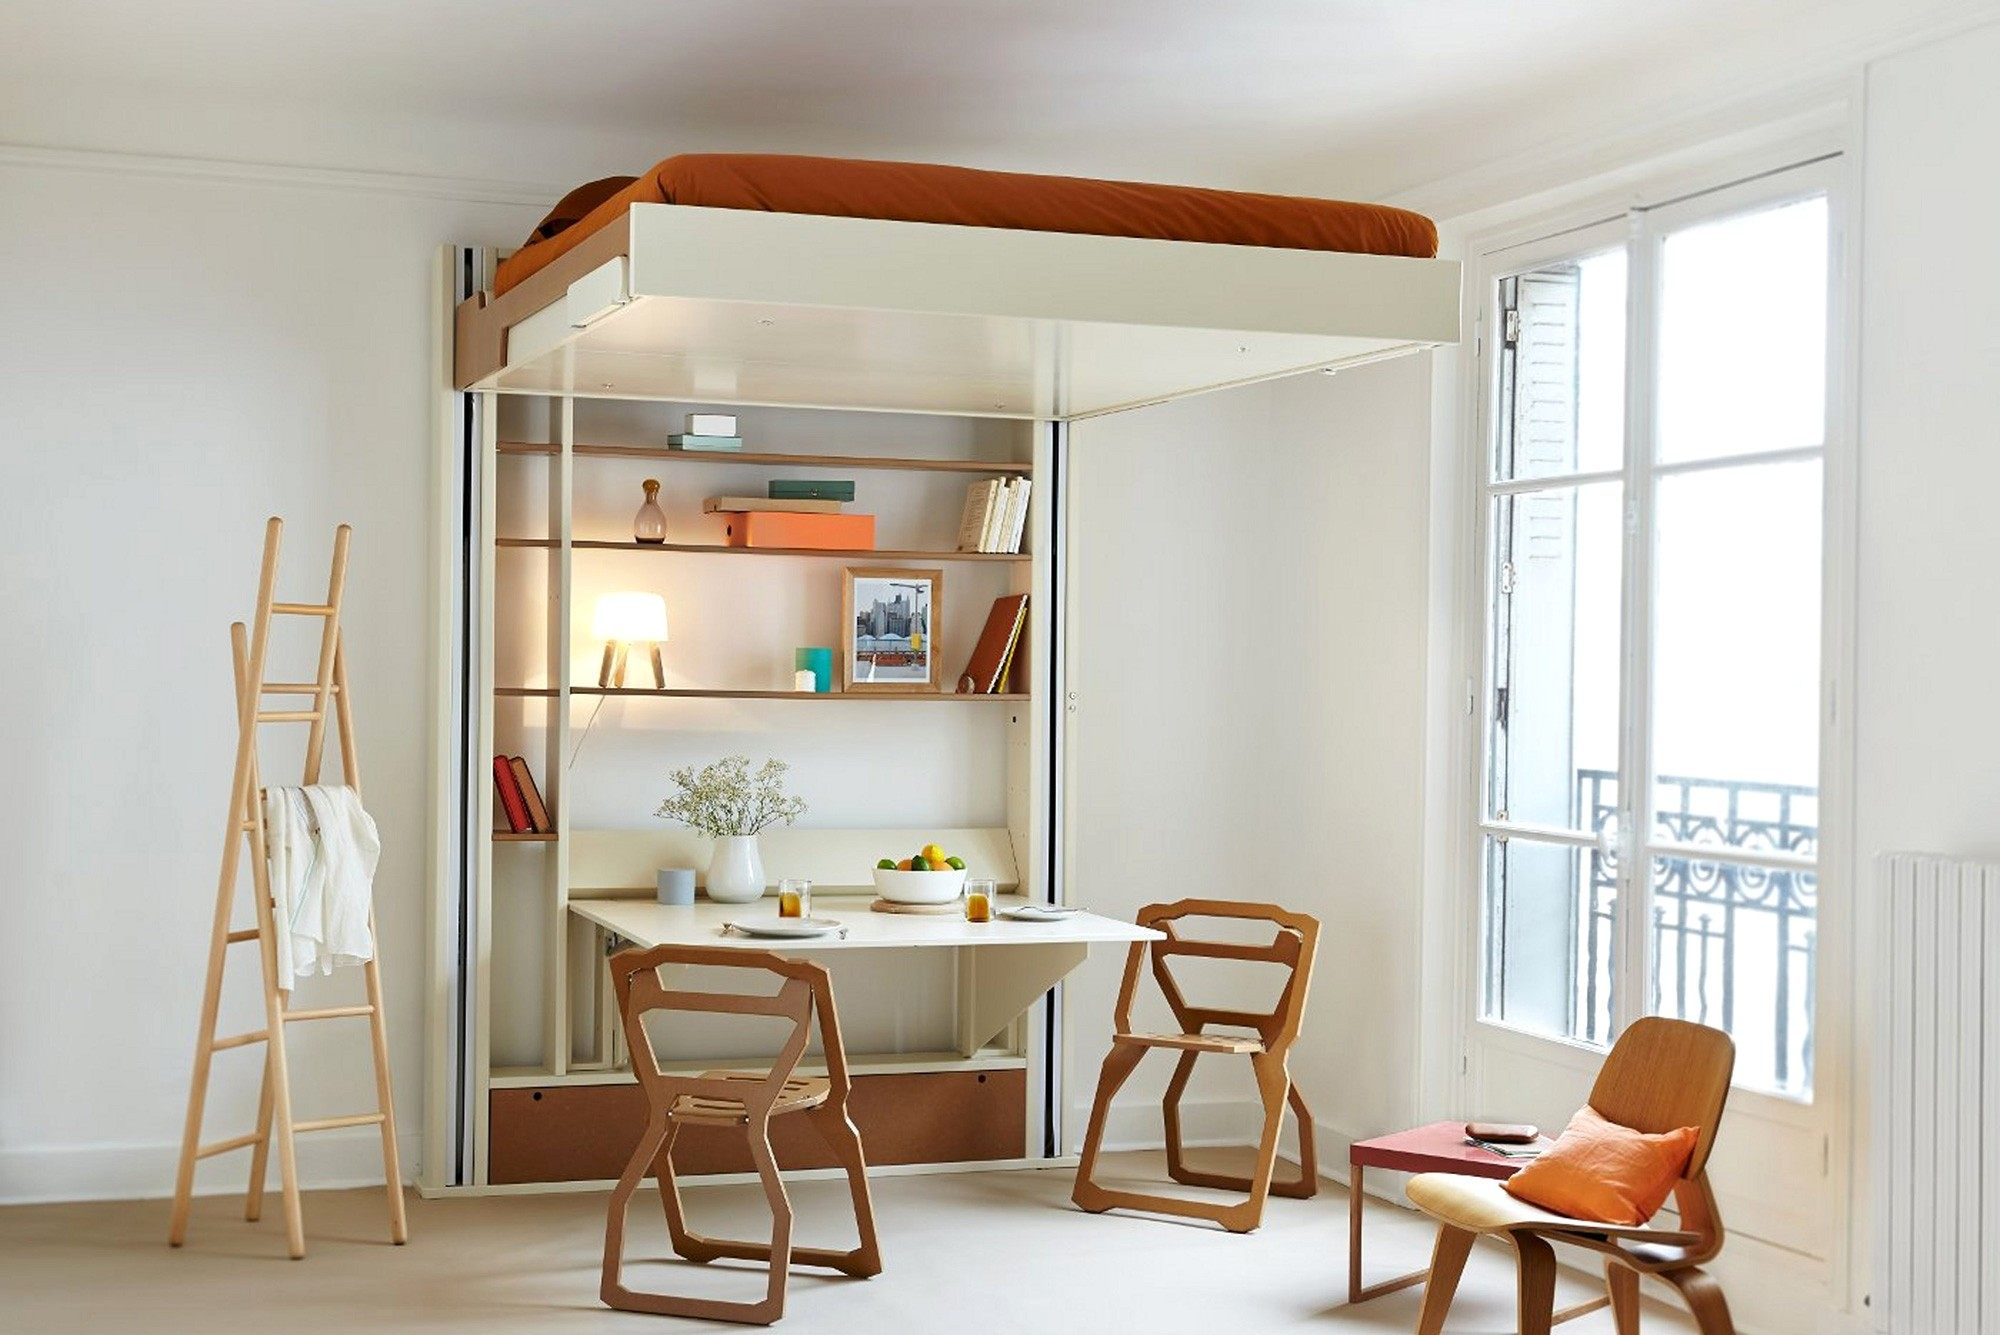 Lit Superposé Design Bel Belle Lit Escamotable Avec Canapé Avec Lit Biné Armoire Fresh Lit